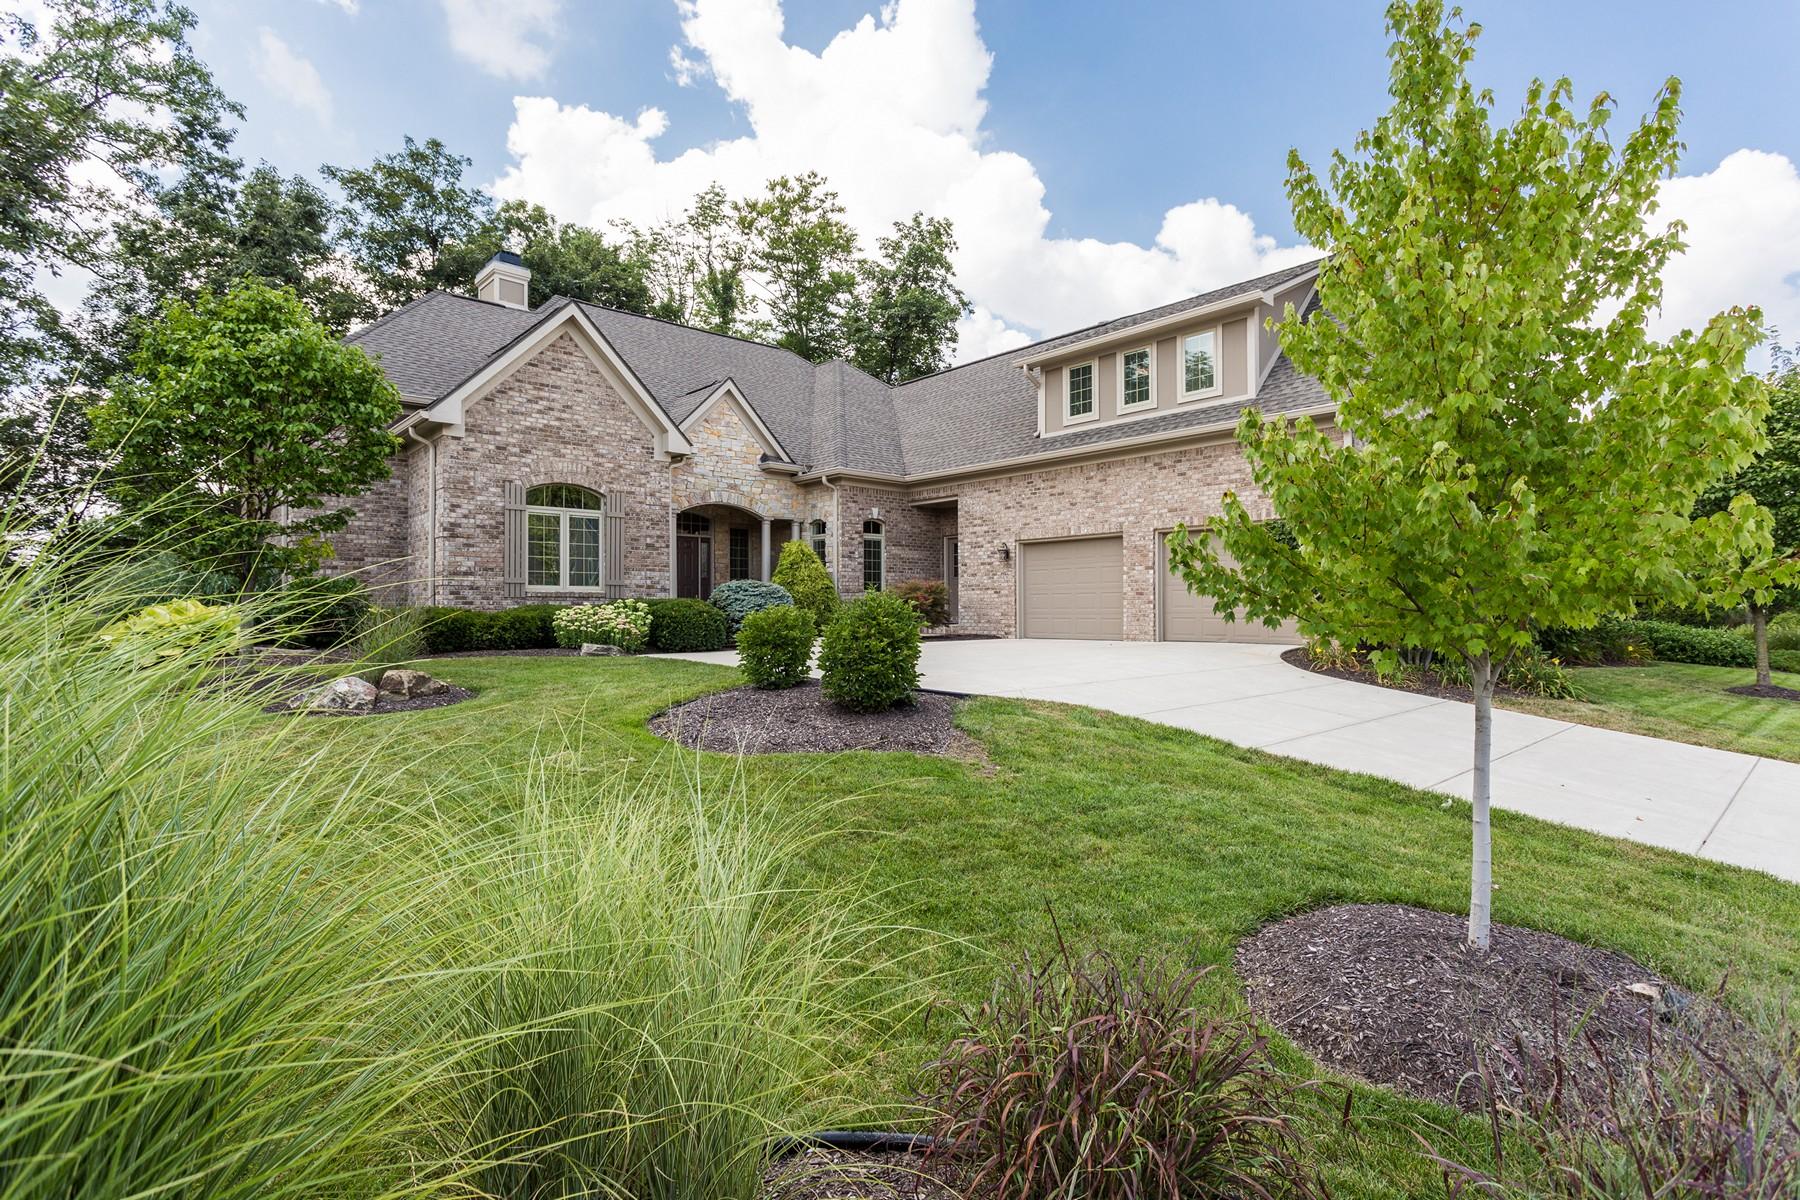 Casa para uma família para Venda às Exceptional Bridgewater Residence 15636 Hawks Way Carmel, Indiana, 46033 Estados Unidos